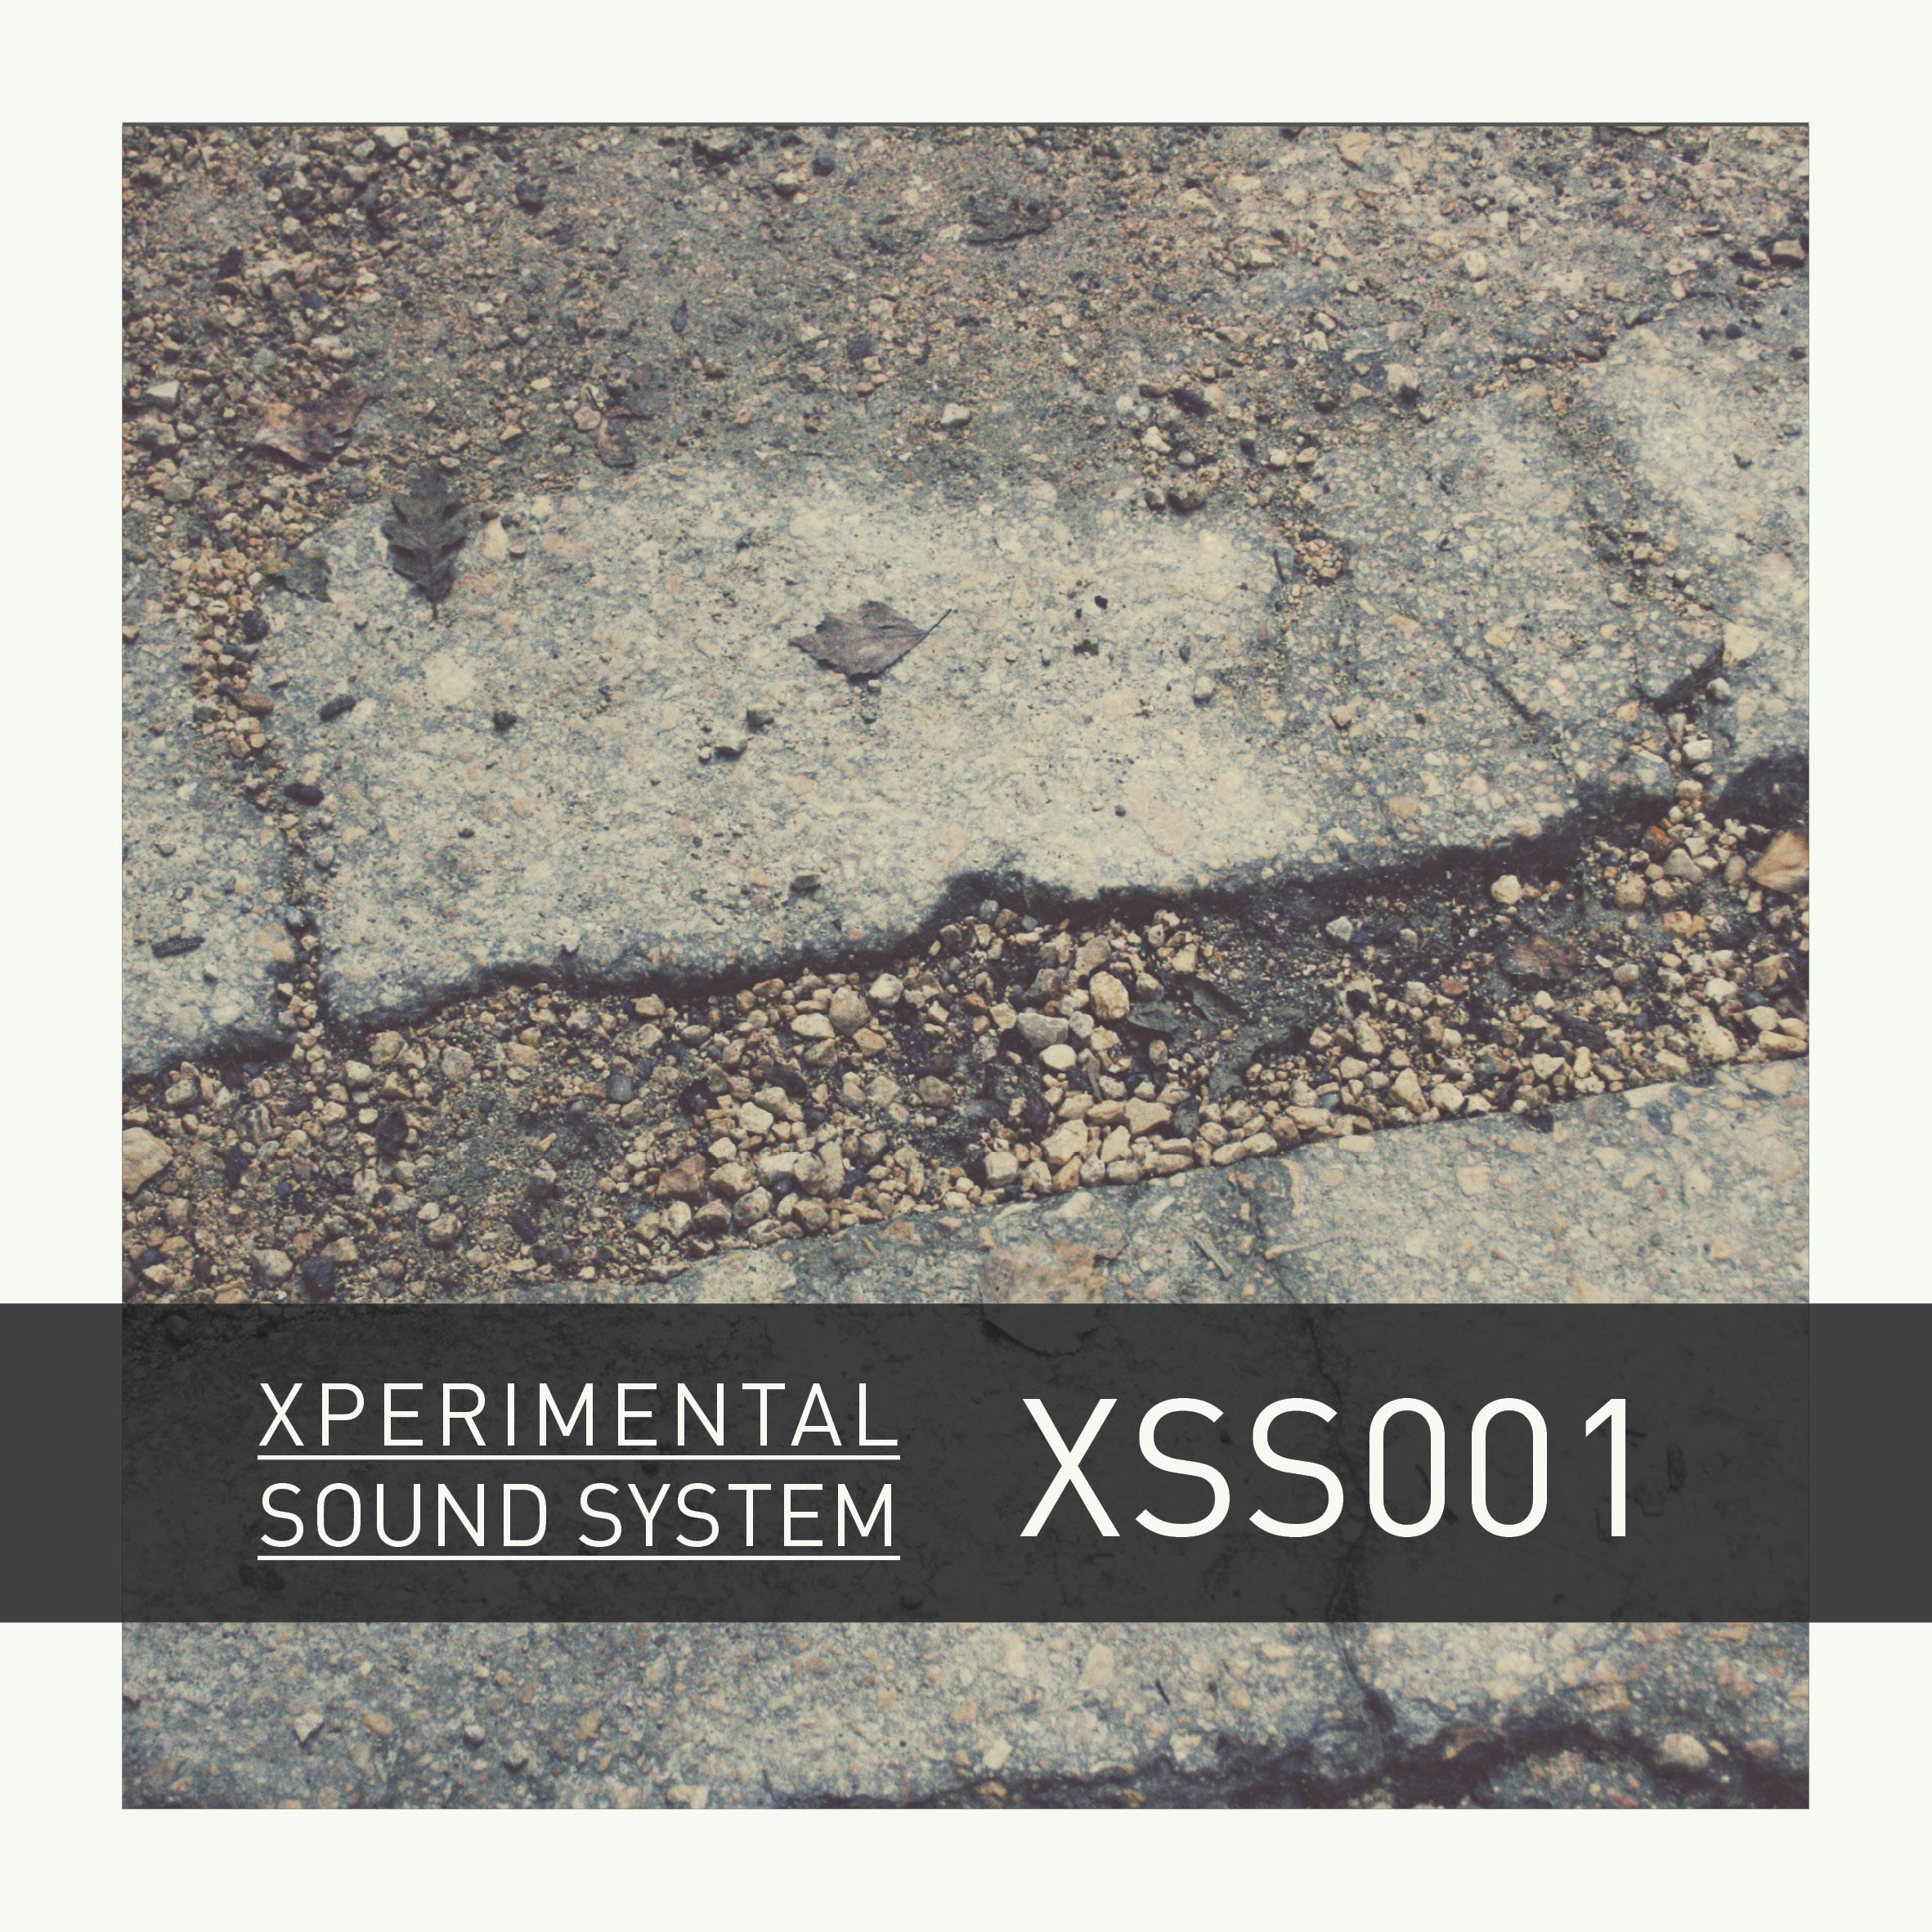 XSS001